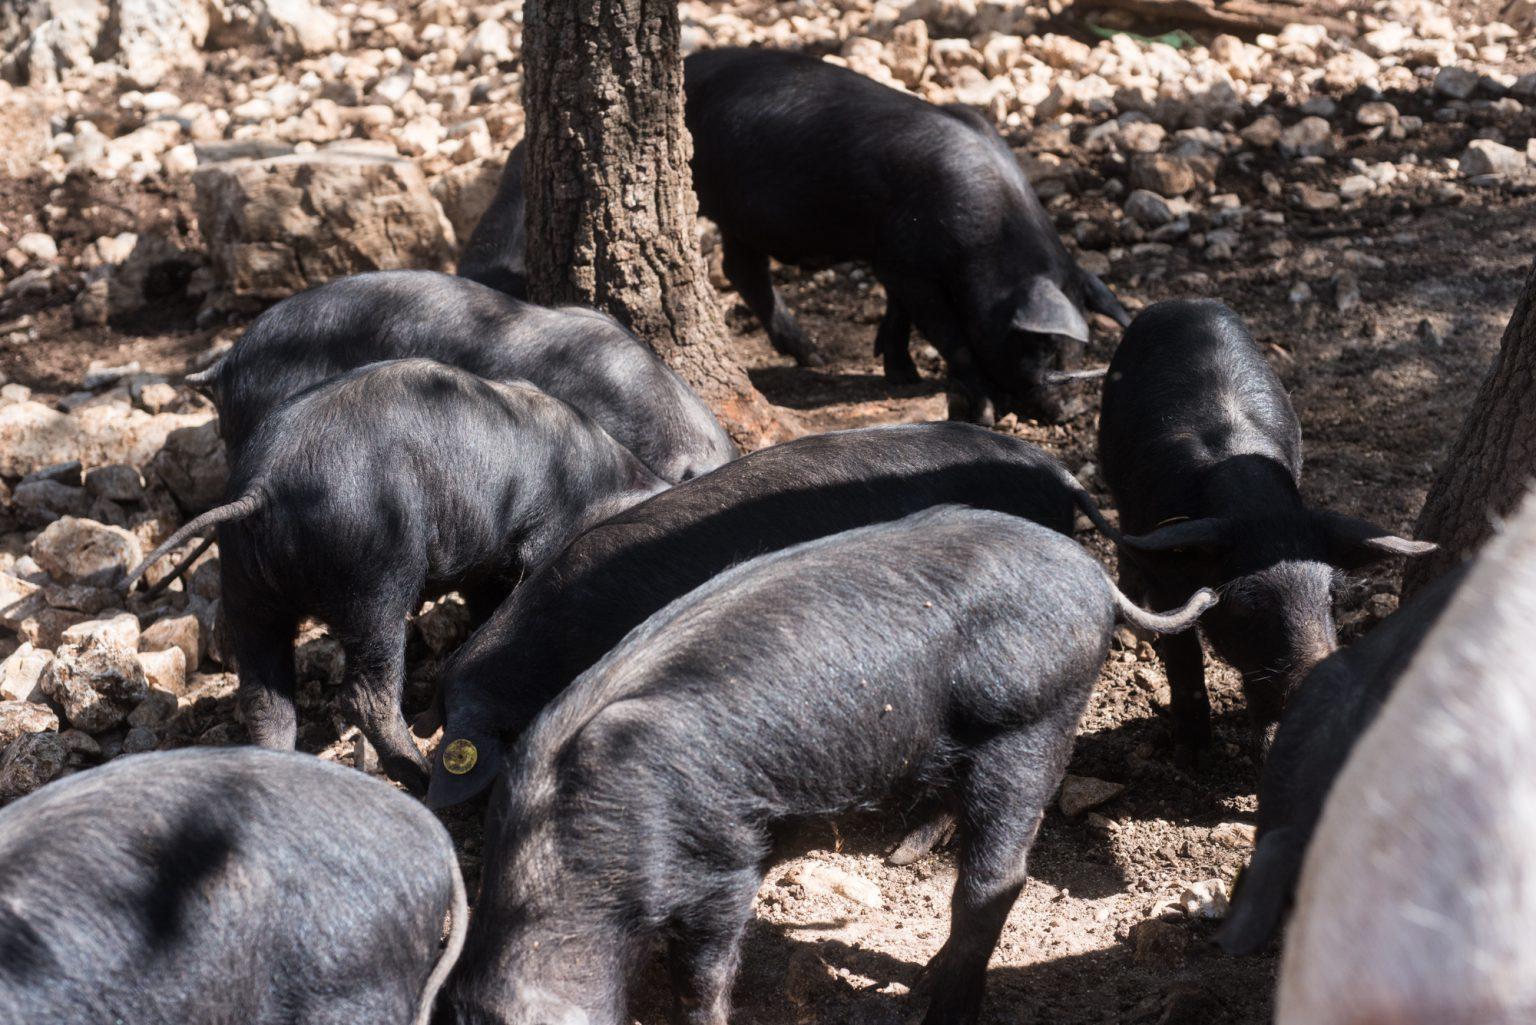 mucche, polli e porci-0087